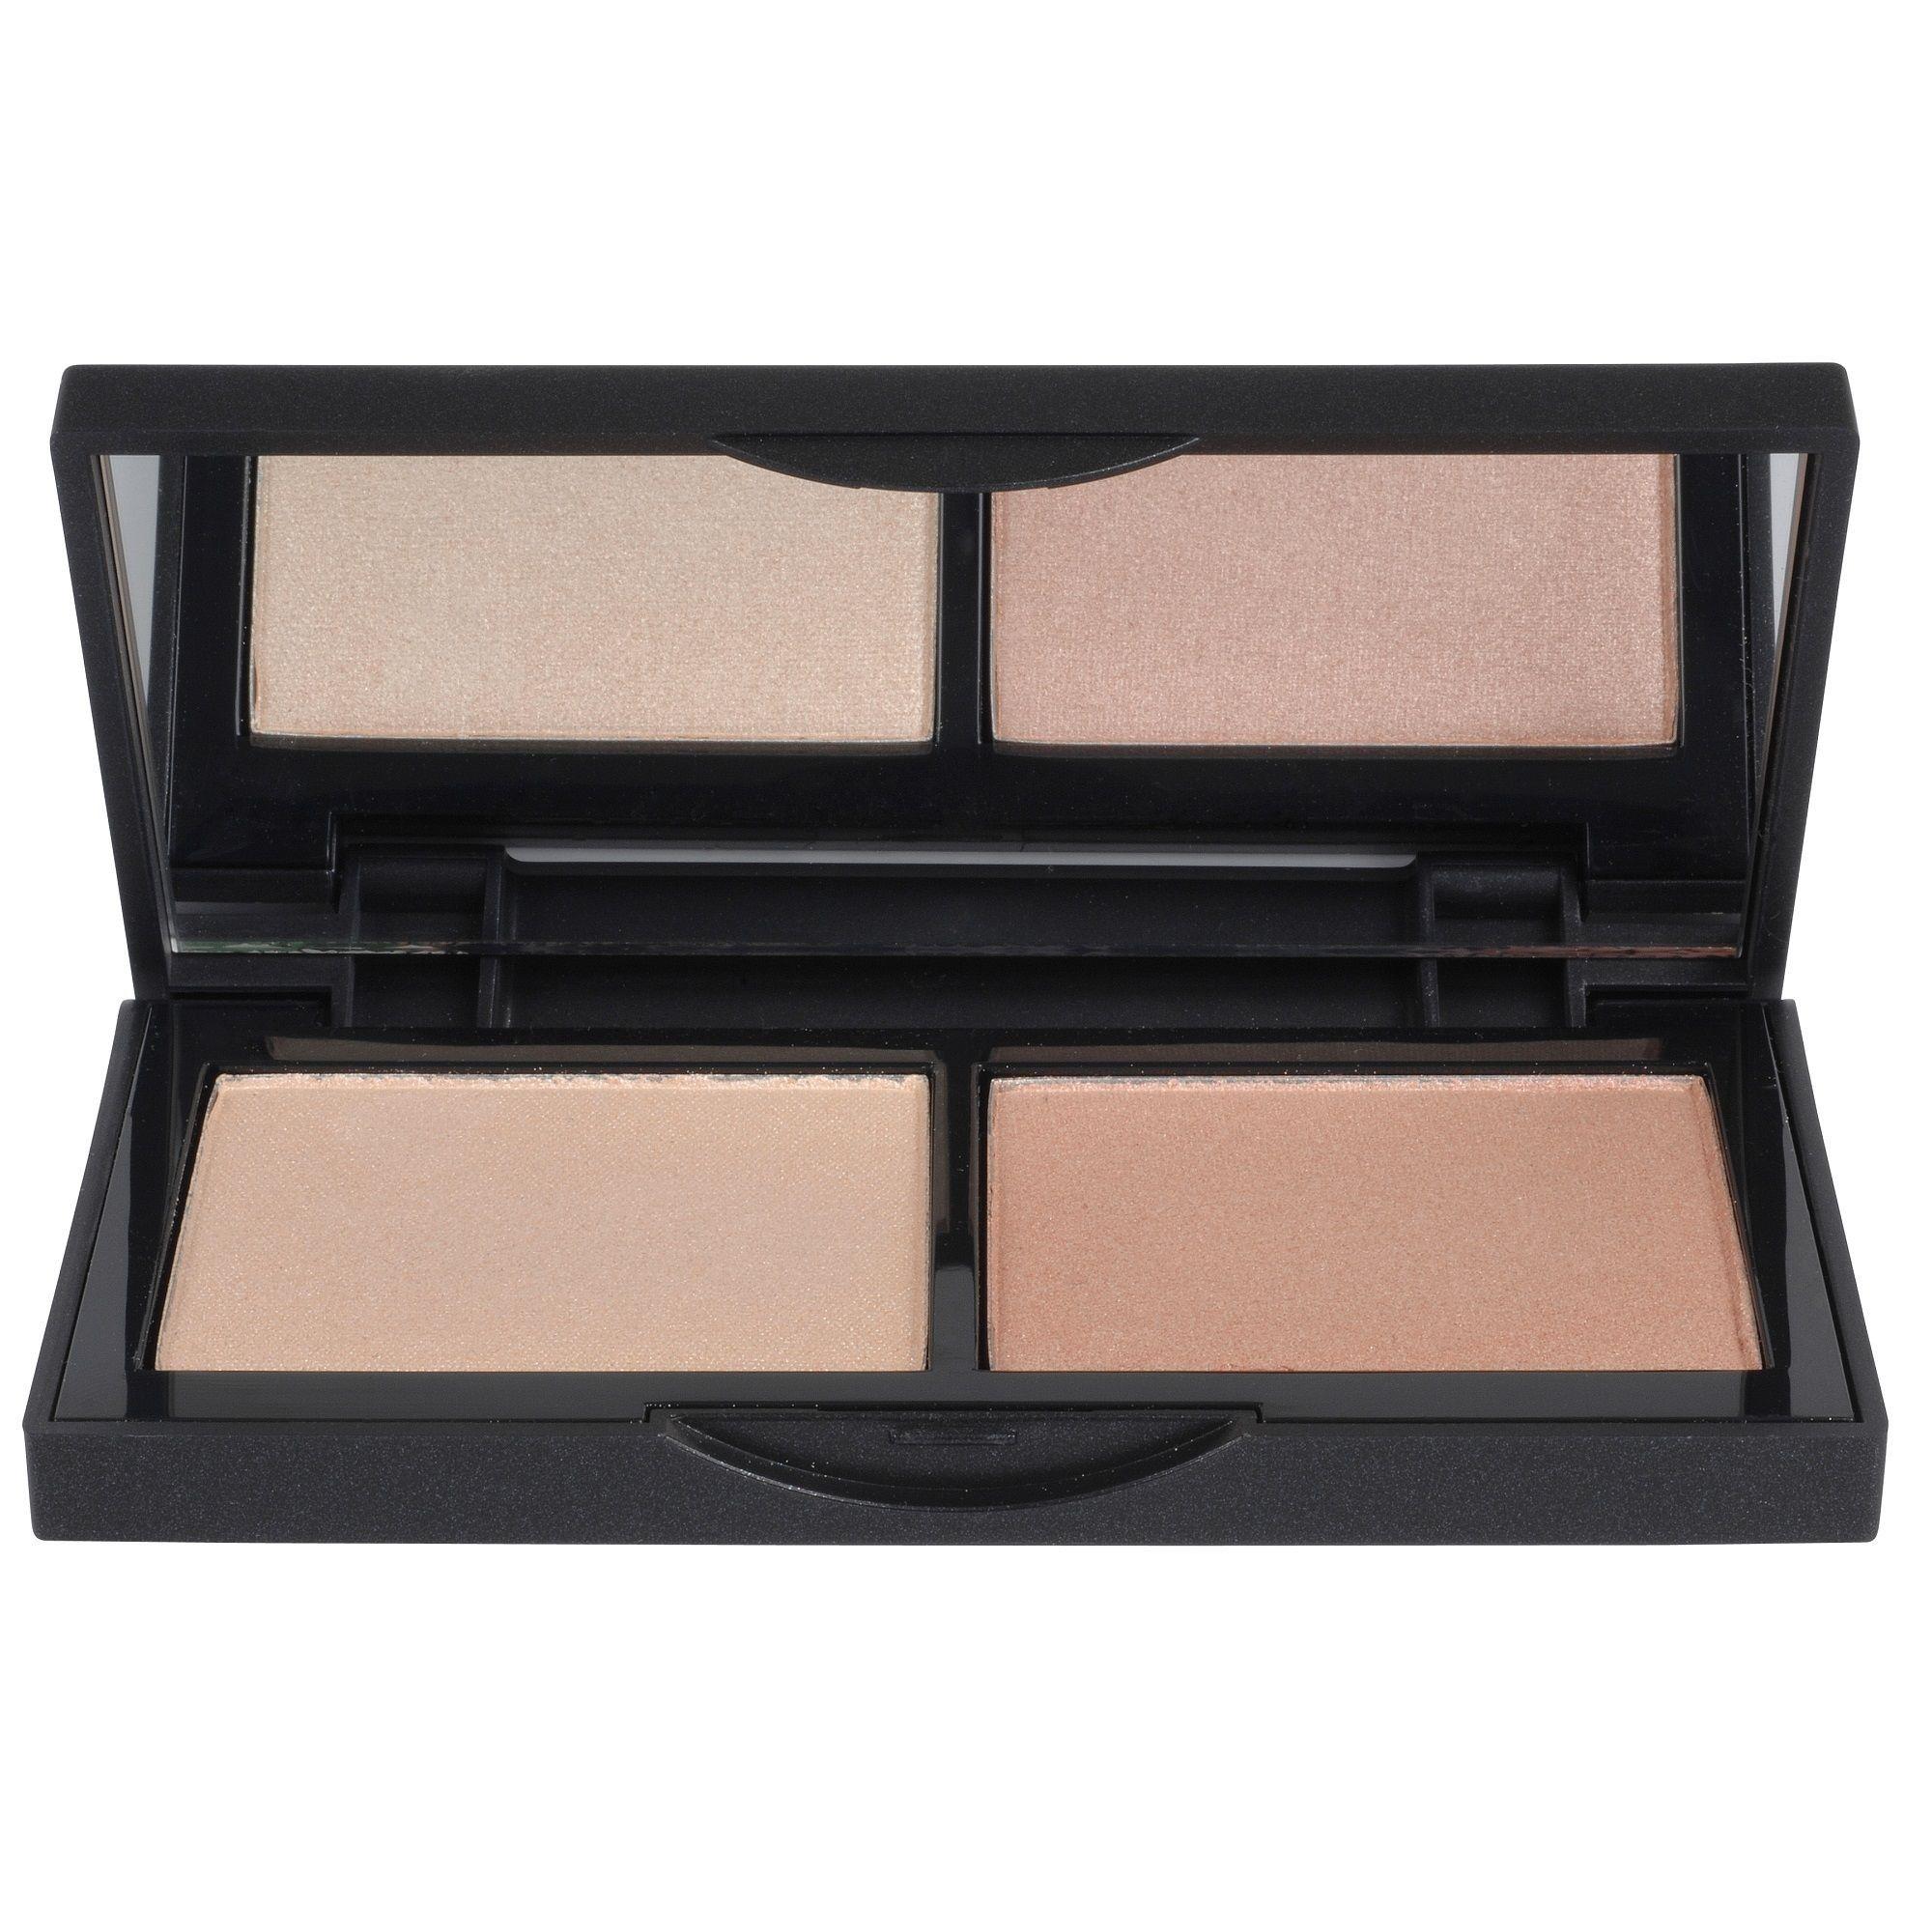 Coffrets palettes acheter en ligne jumia maroc - Meilleure palette maquillage ...